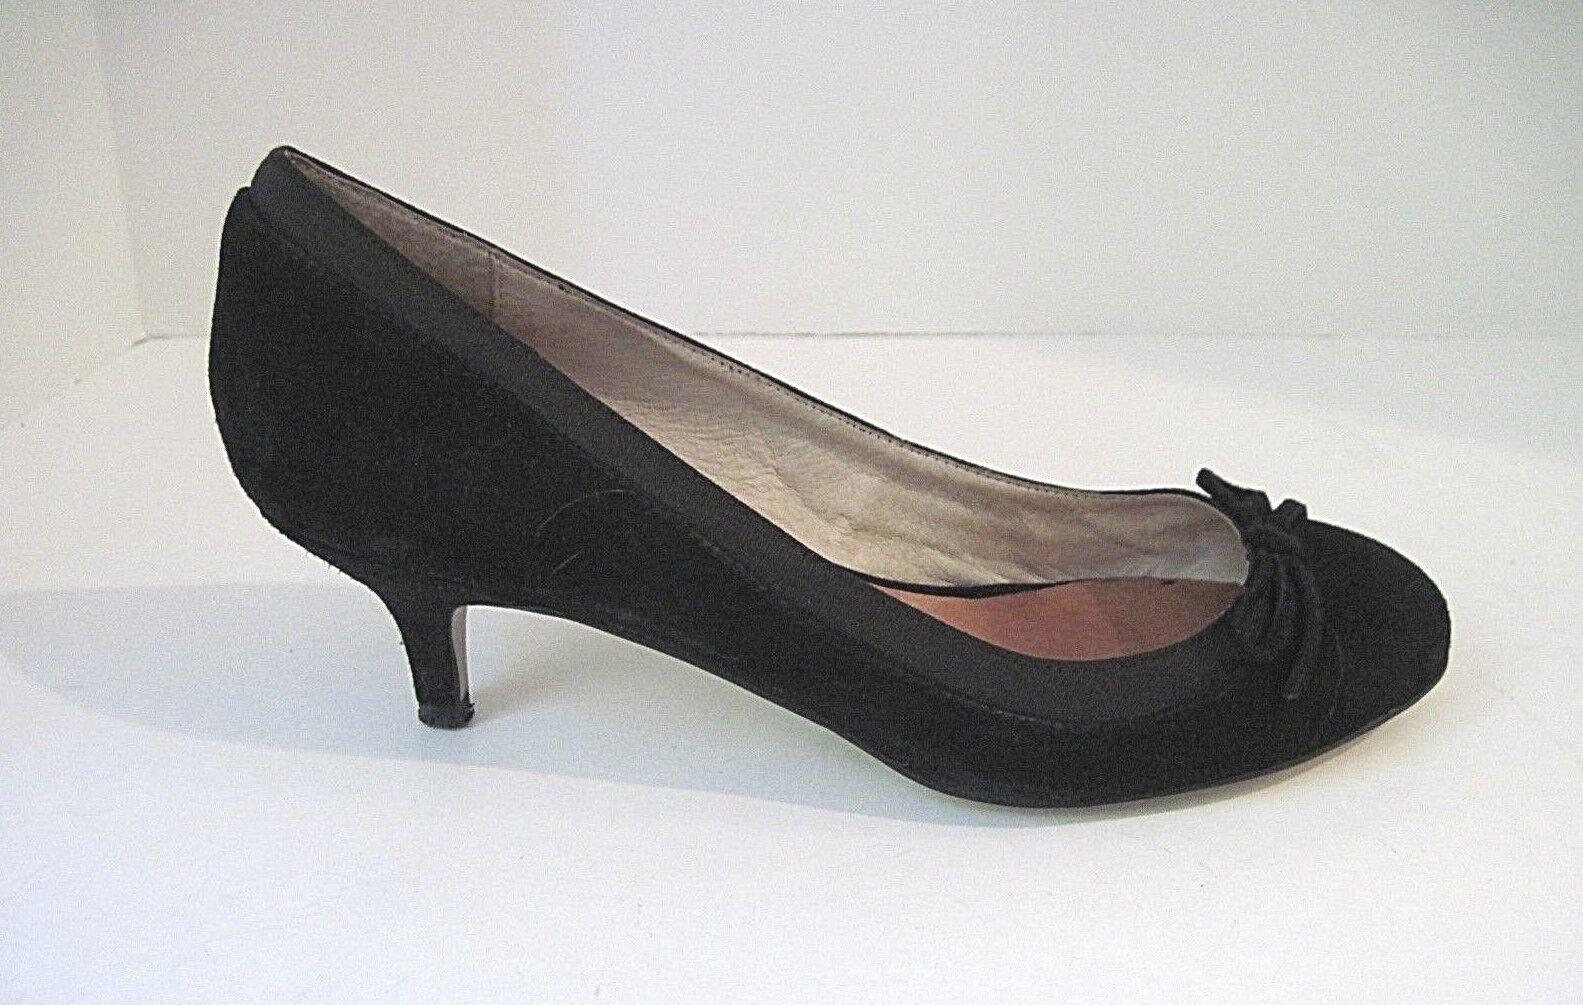 06380fa1d87 BUFFALO LONDON Black Suede Pumps Kitten Front Size 40 Heels Bow ...